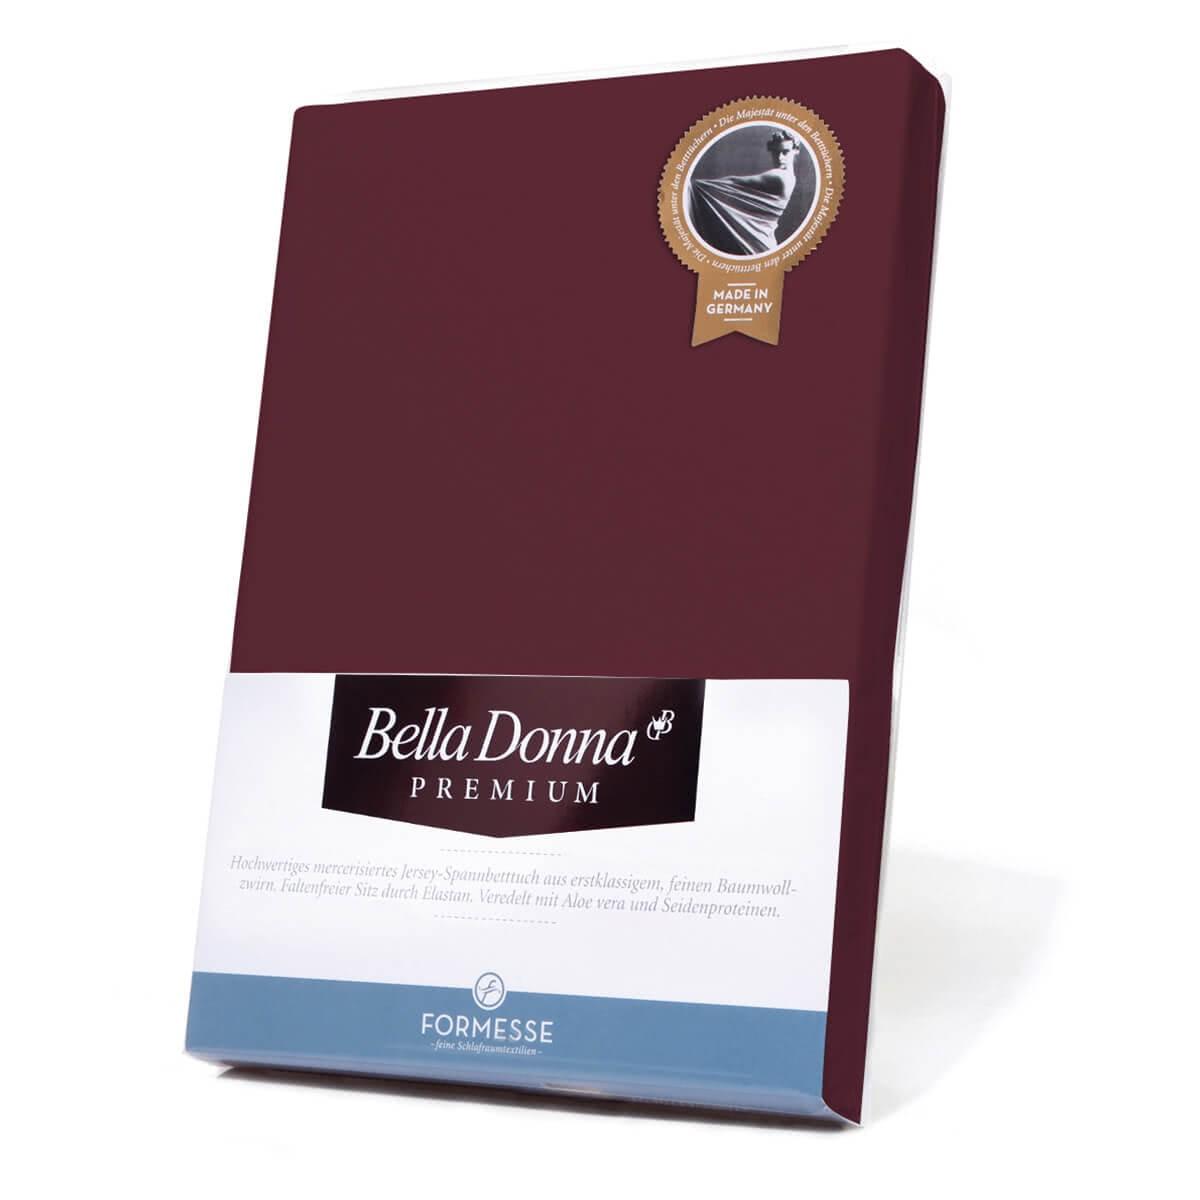 Formesse Bella Donna Premium Spannbetttuch Carbernet